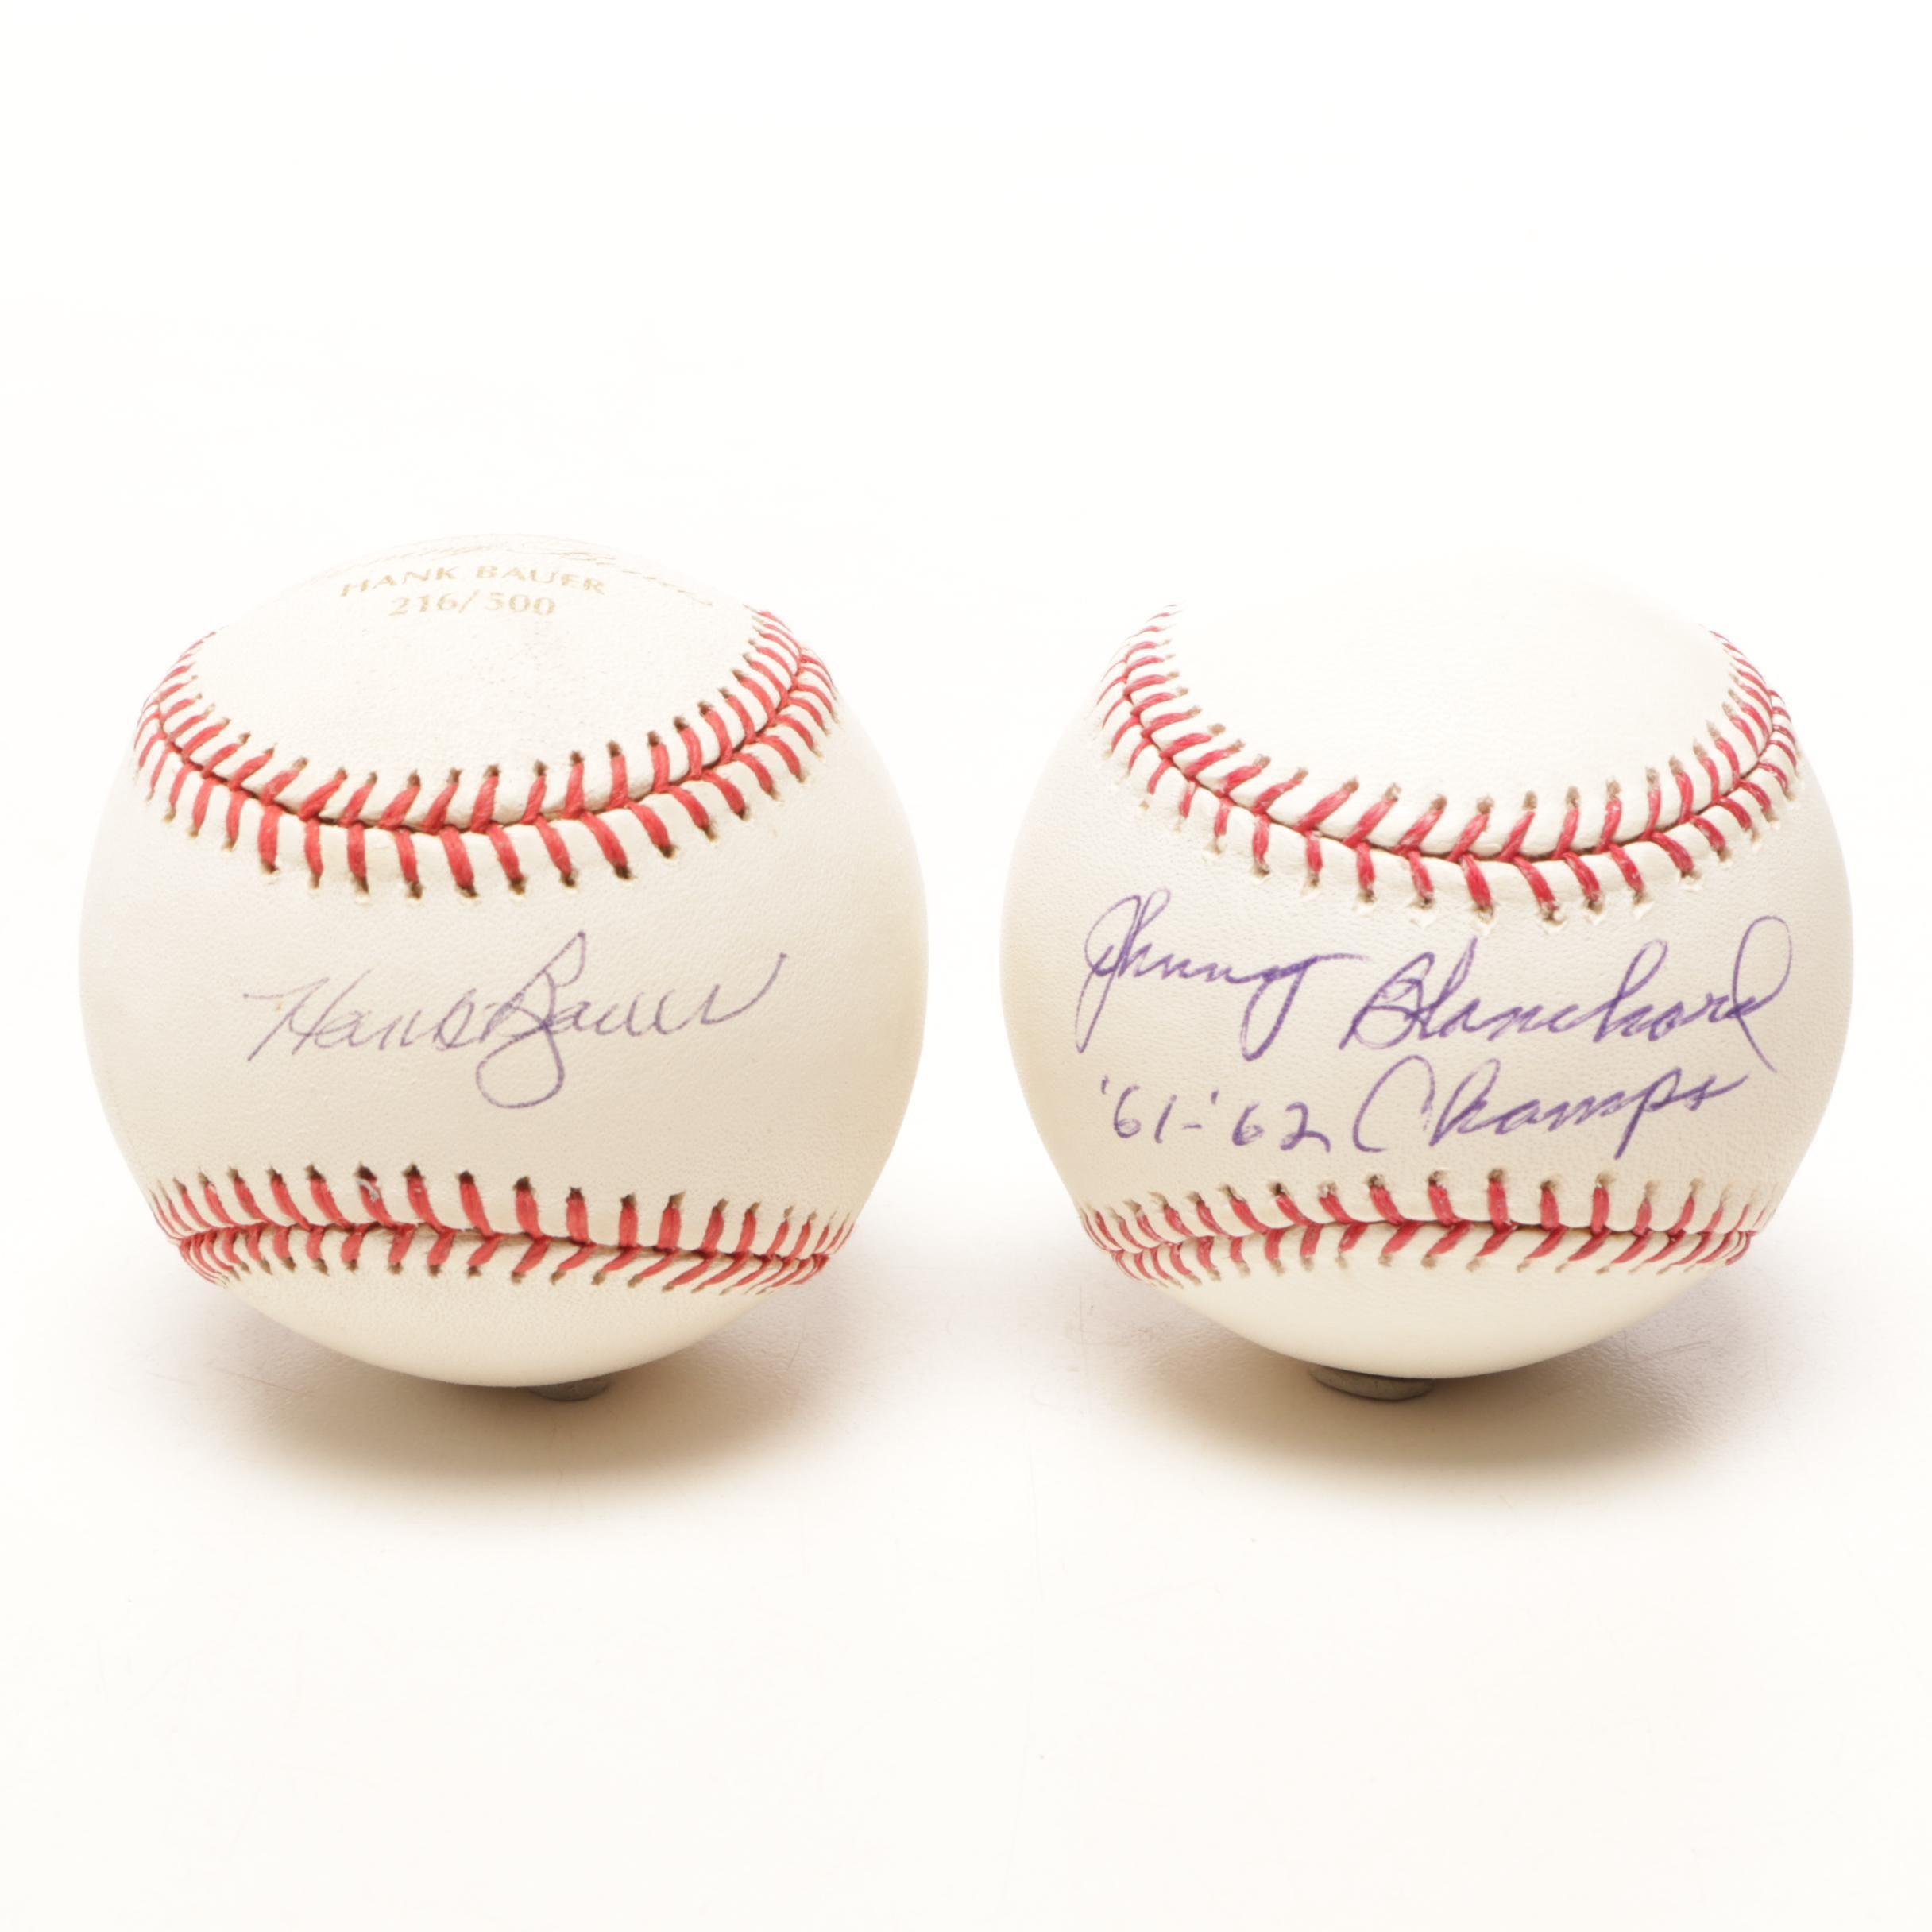 Hank Bauer and Johnny Blanchard Signed Rawlings Major League Baseballs